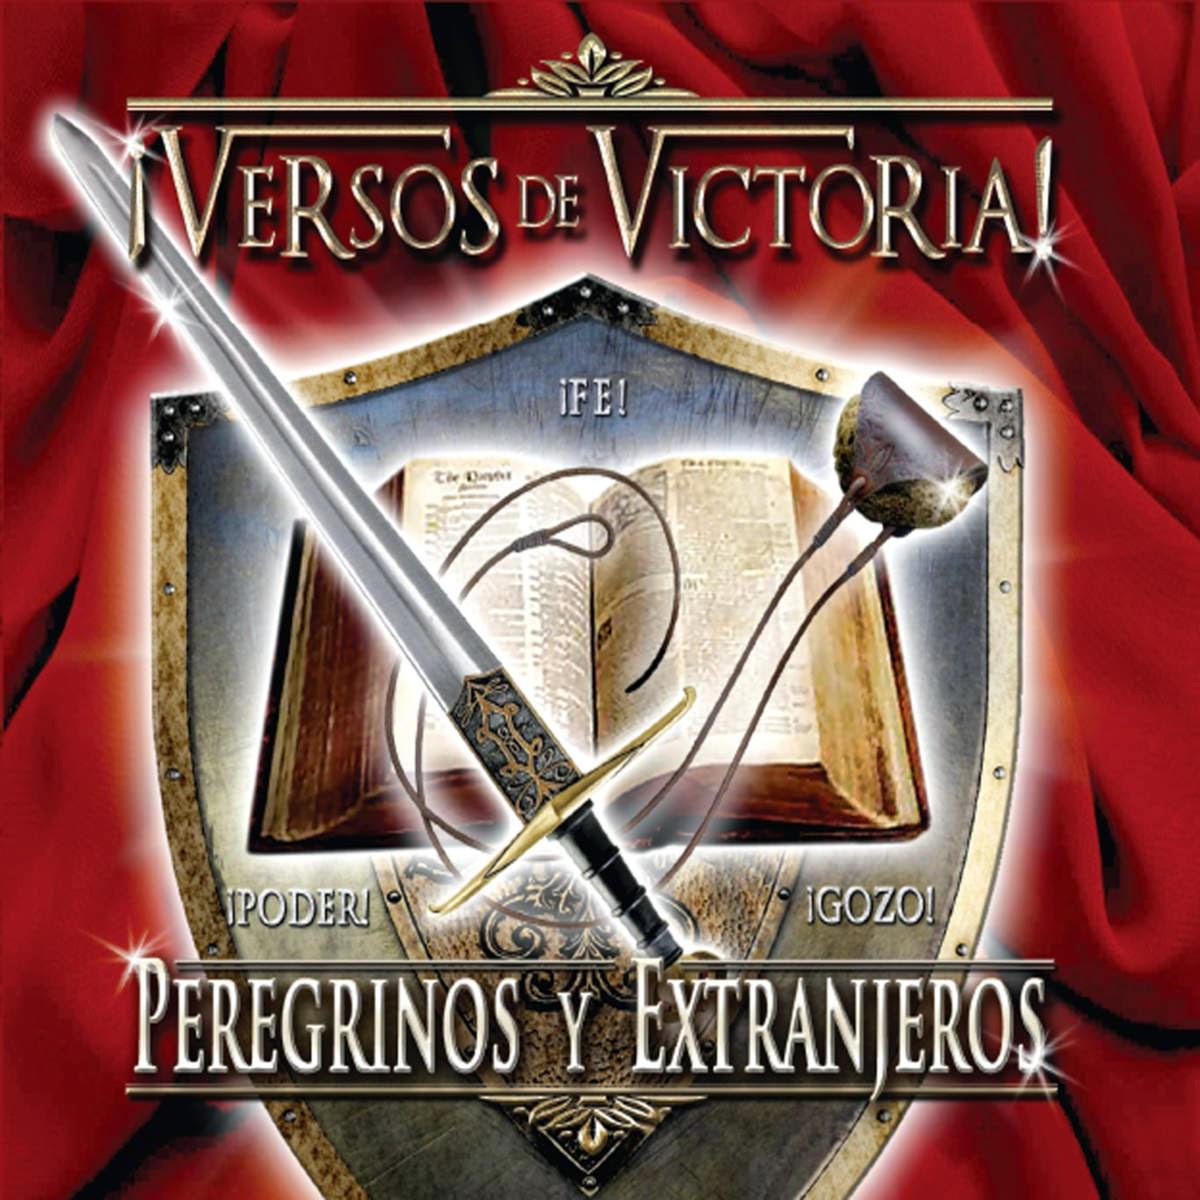 Peregrinos y Extranjeros-Versos De Victoria-